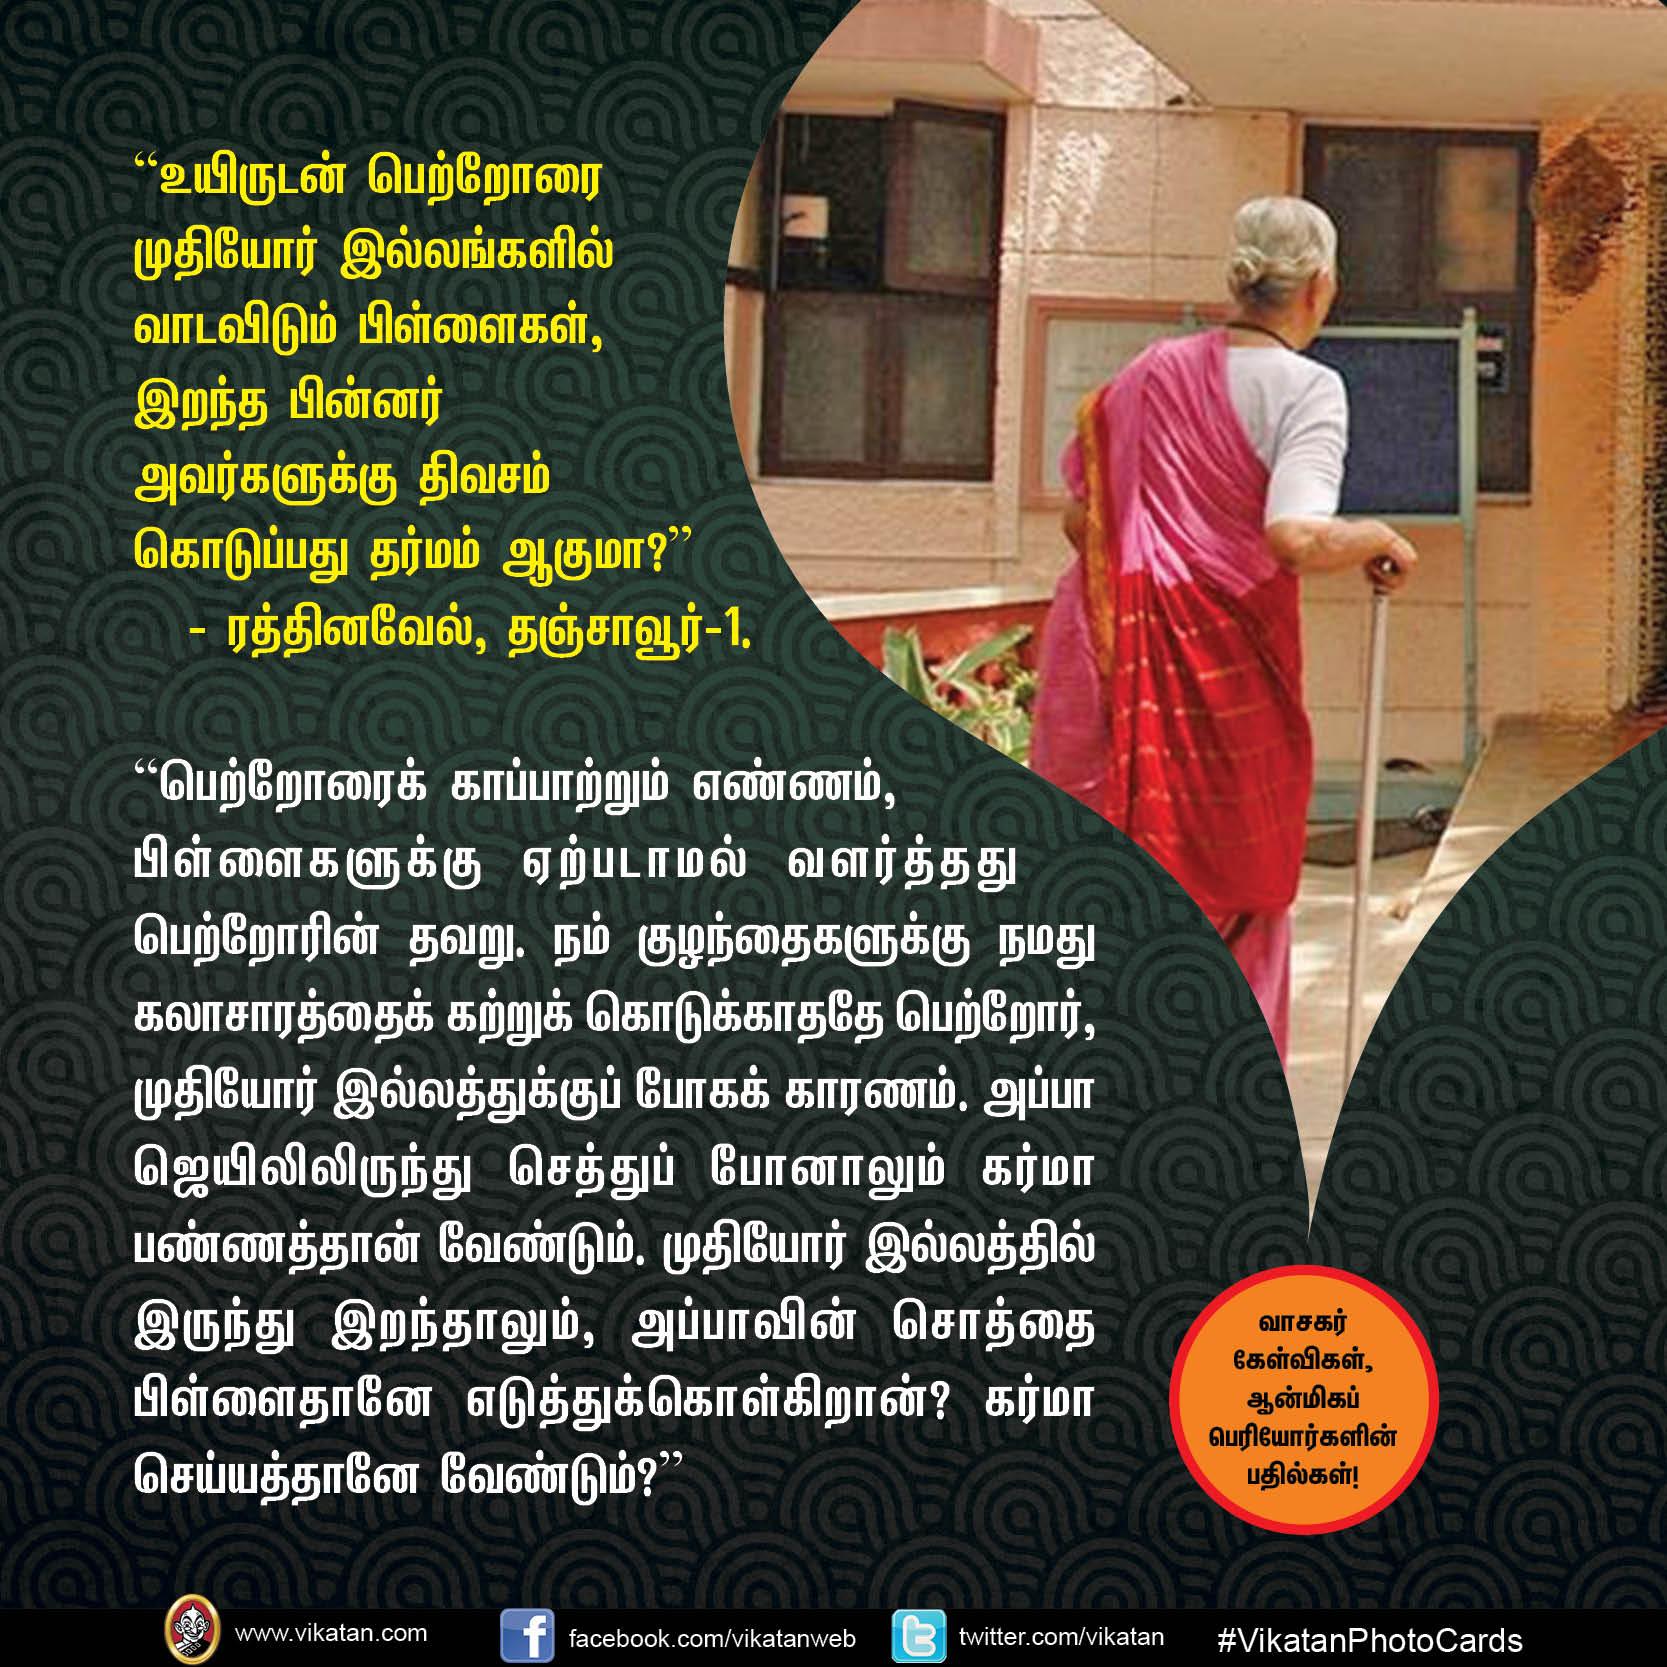 `கடவுள் பெயரில் அர்ச்சனை செய்யலாமா?' - வாசகர் கேள்விகள், ஆன்மிகப் பெரியோர்களின் பதில்கள்! #VikatanPhotoCards